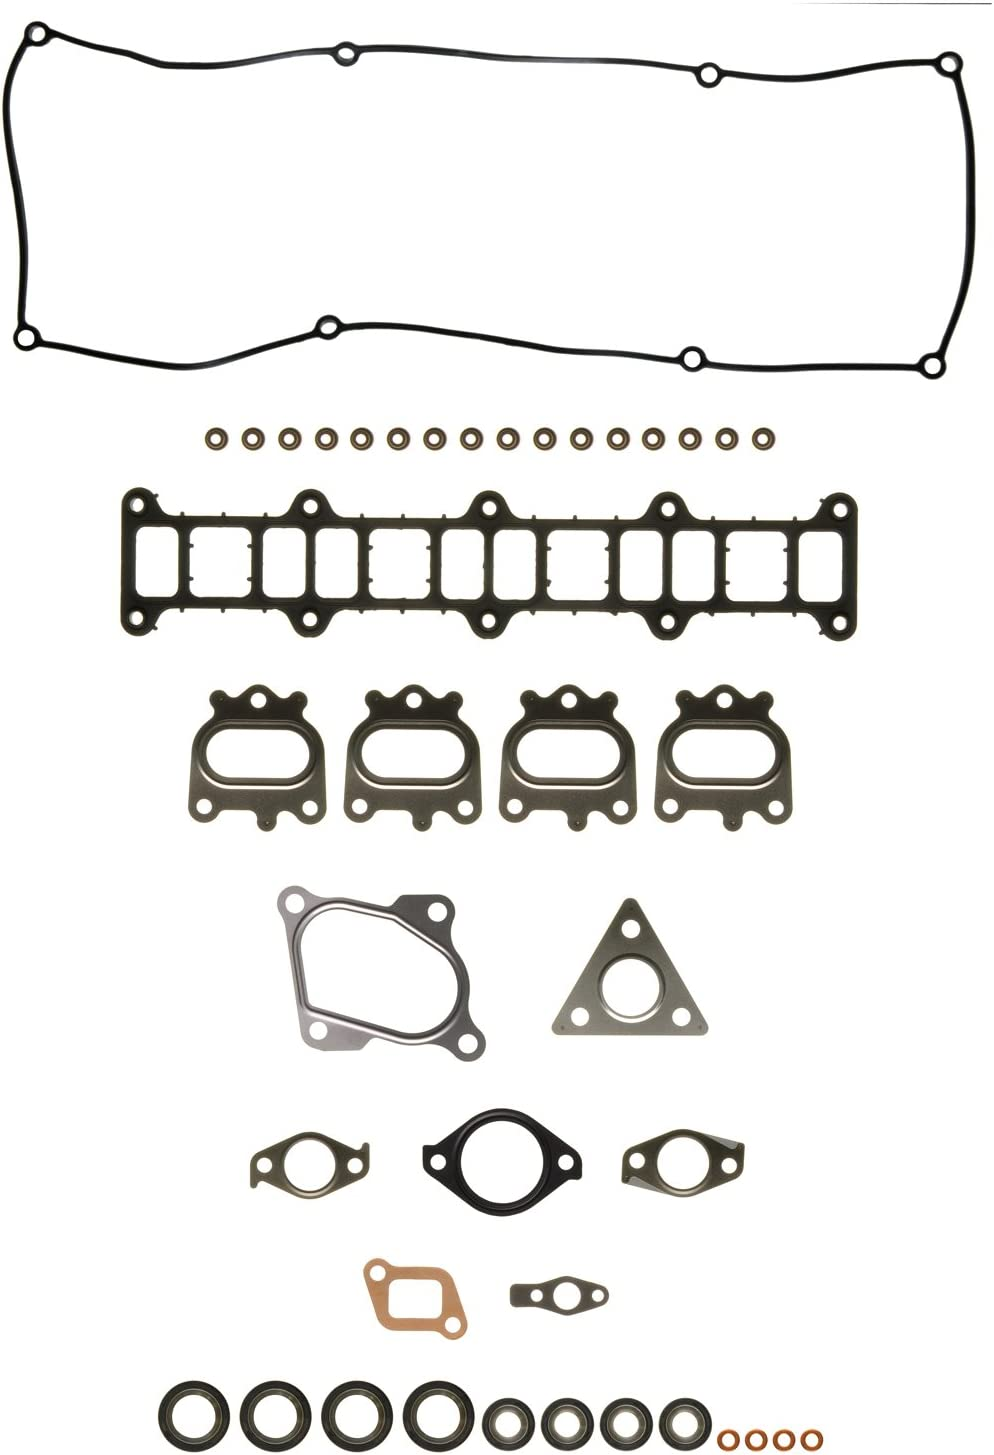 Ajusa 53038600 Gasket Set cylinder head